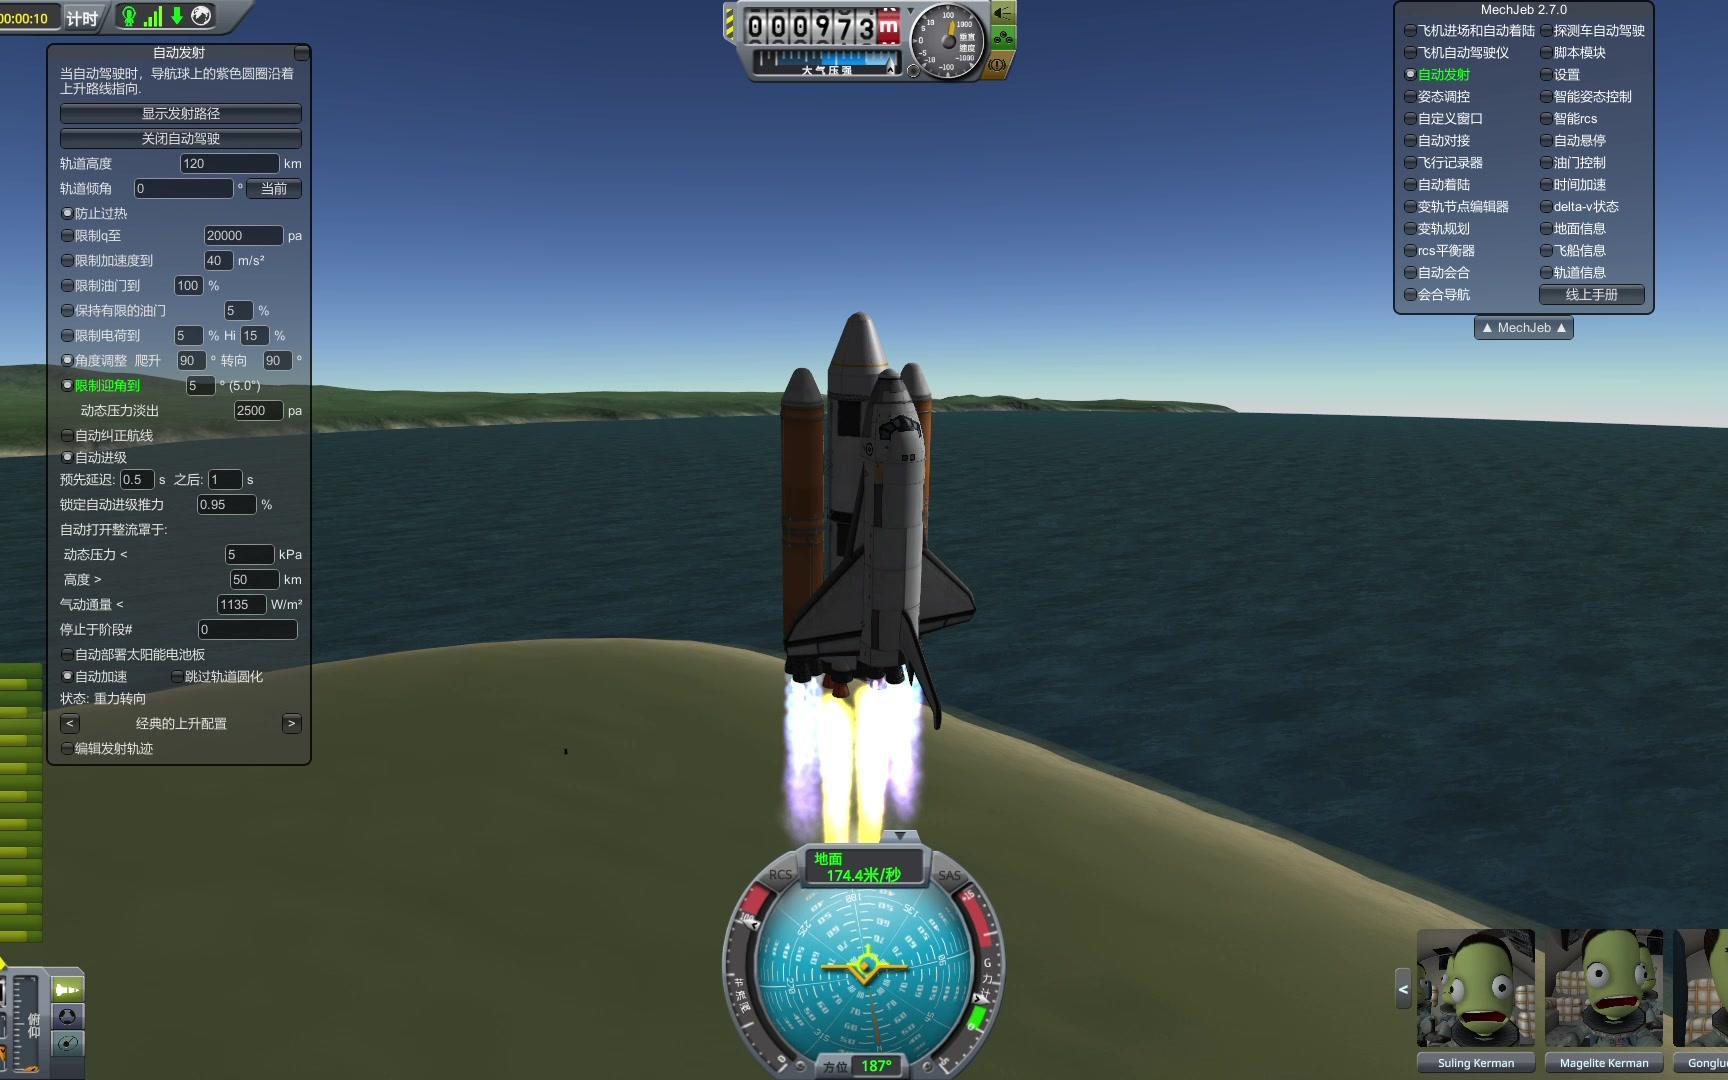 ksp航天飞机怎么飞得跟苍蝇一样